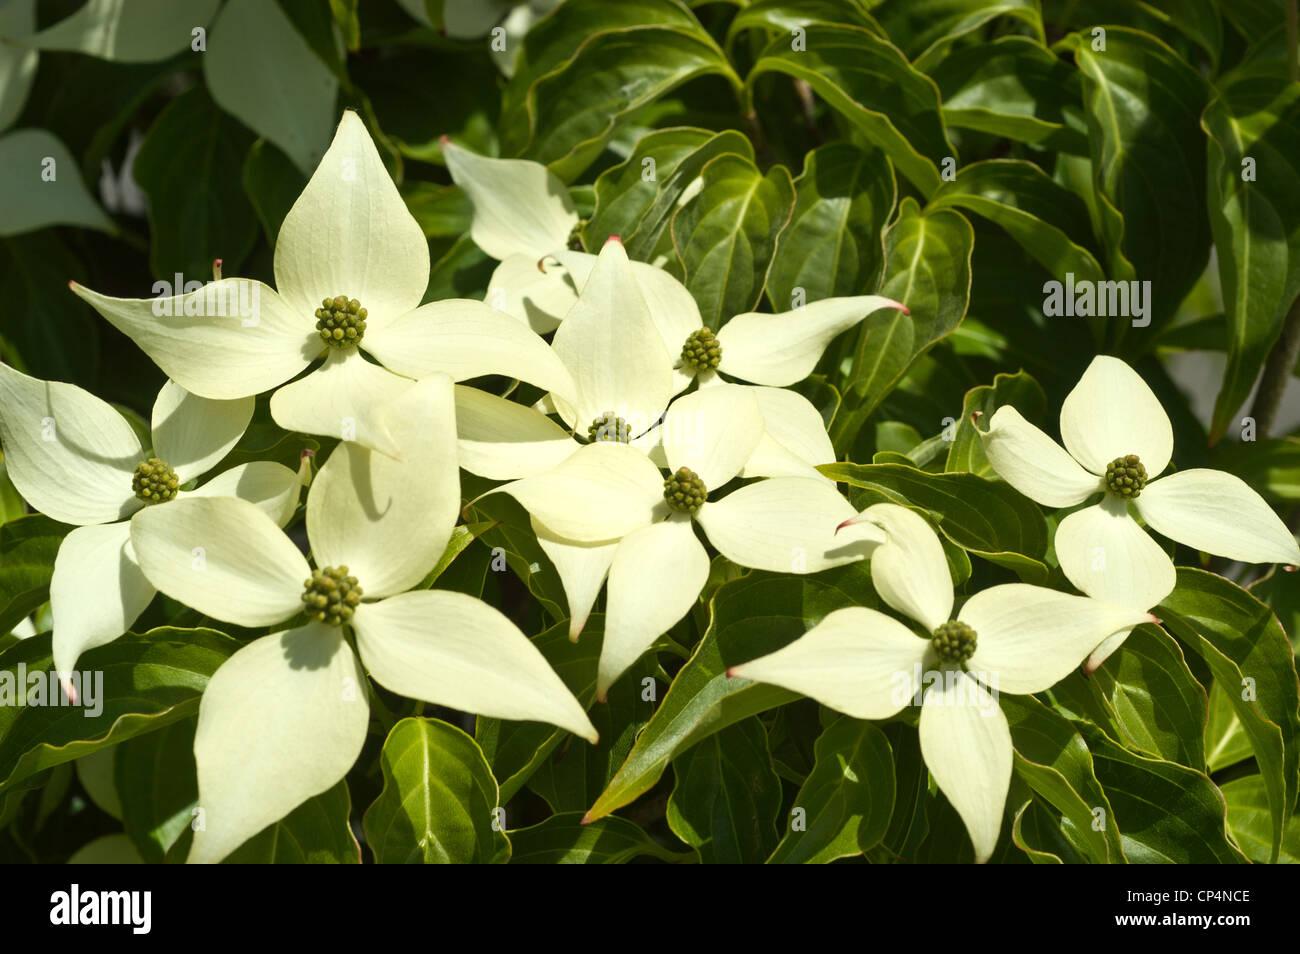 White Flowers Of Kousa Dogwood Cornus Kousa Cornaceae Stock Photo